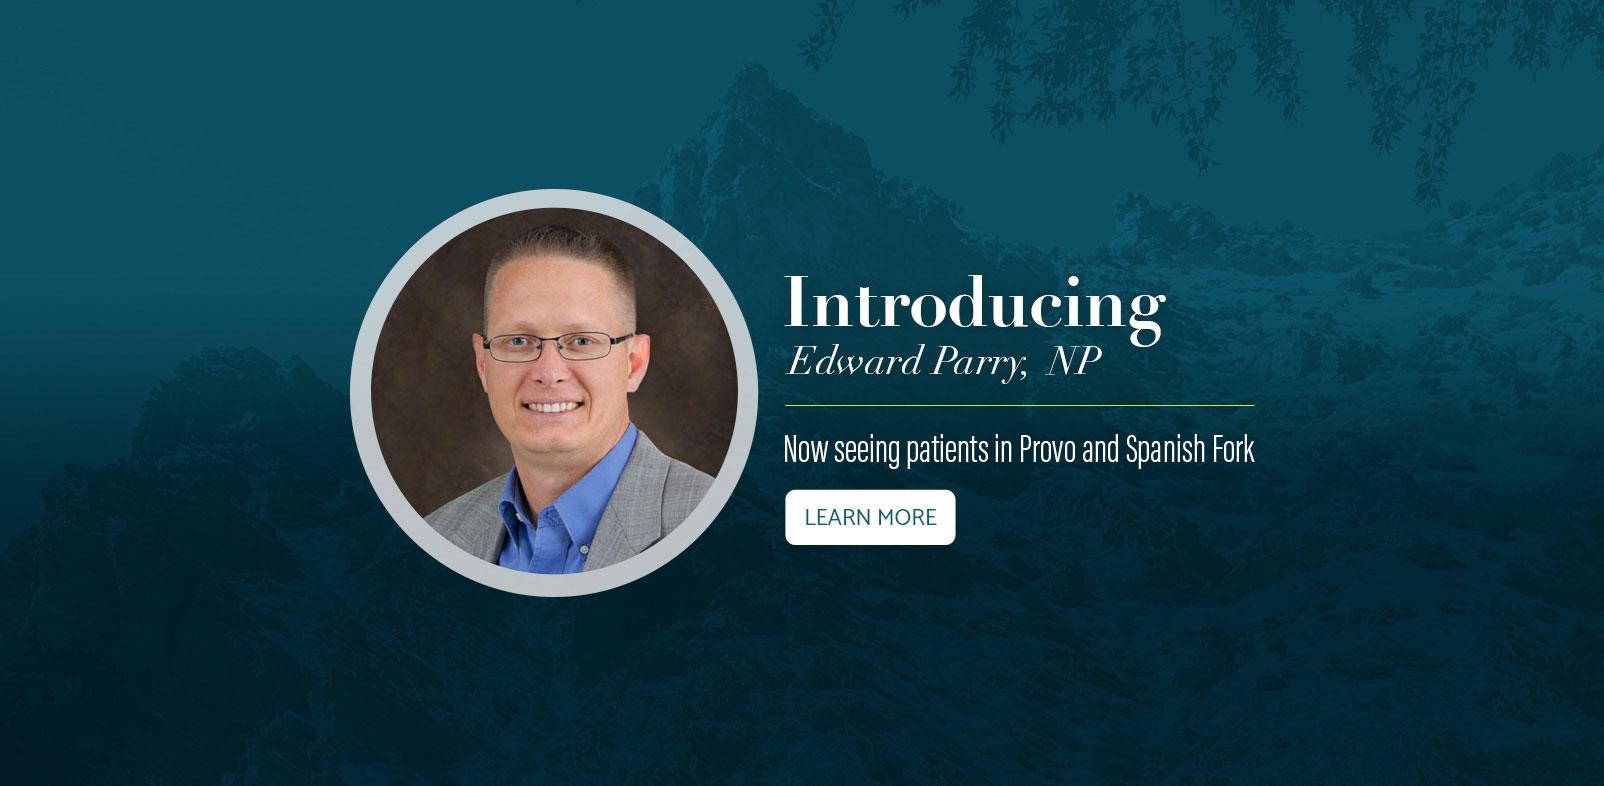 Introducing Edward Parry, NP